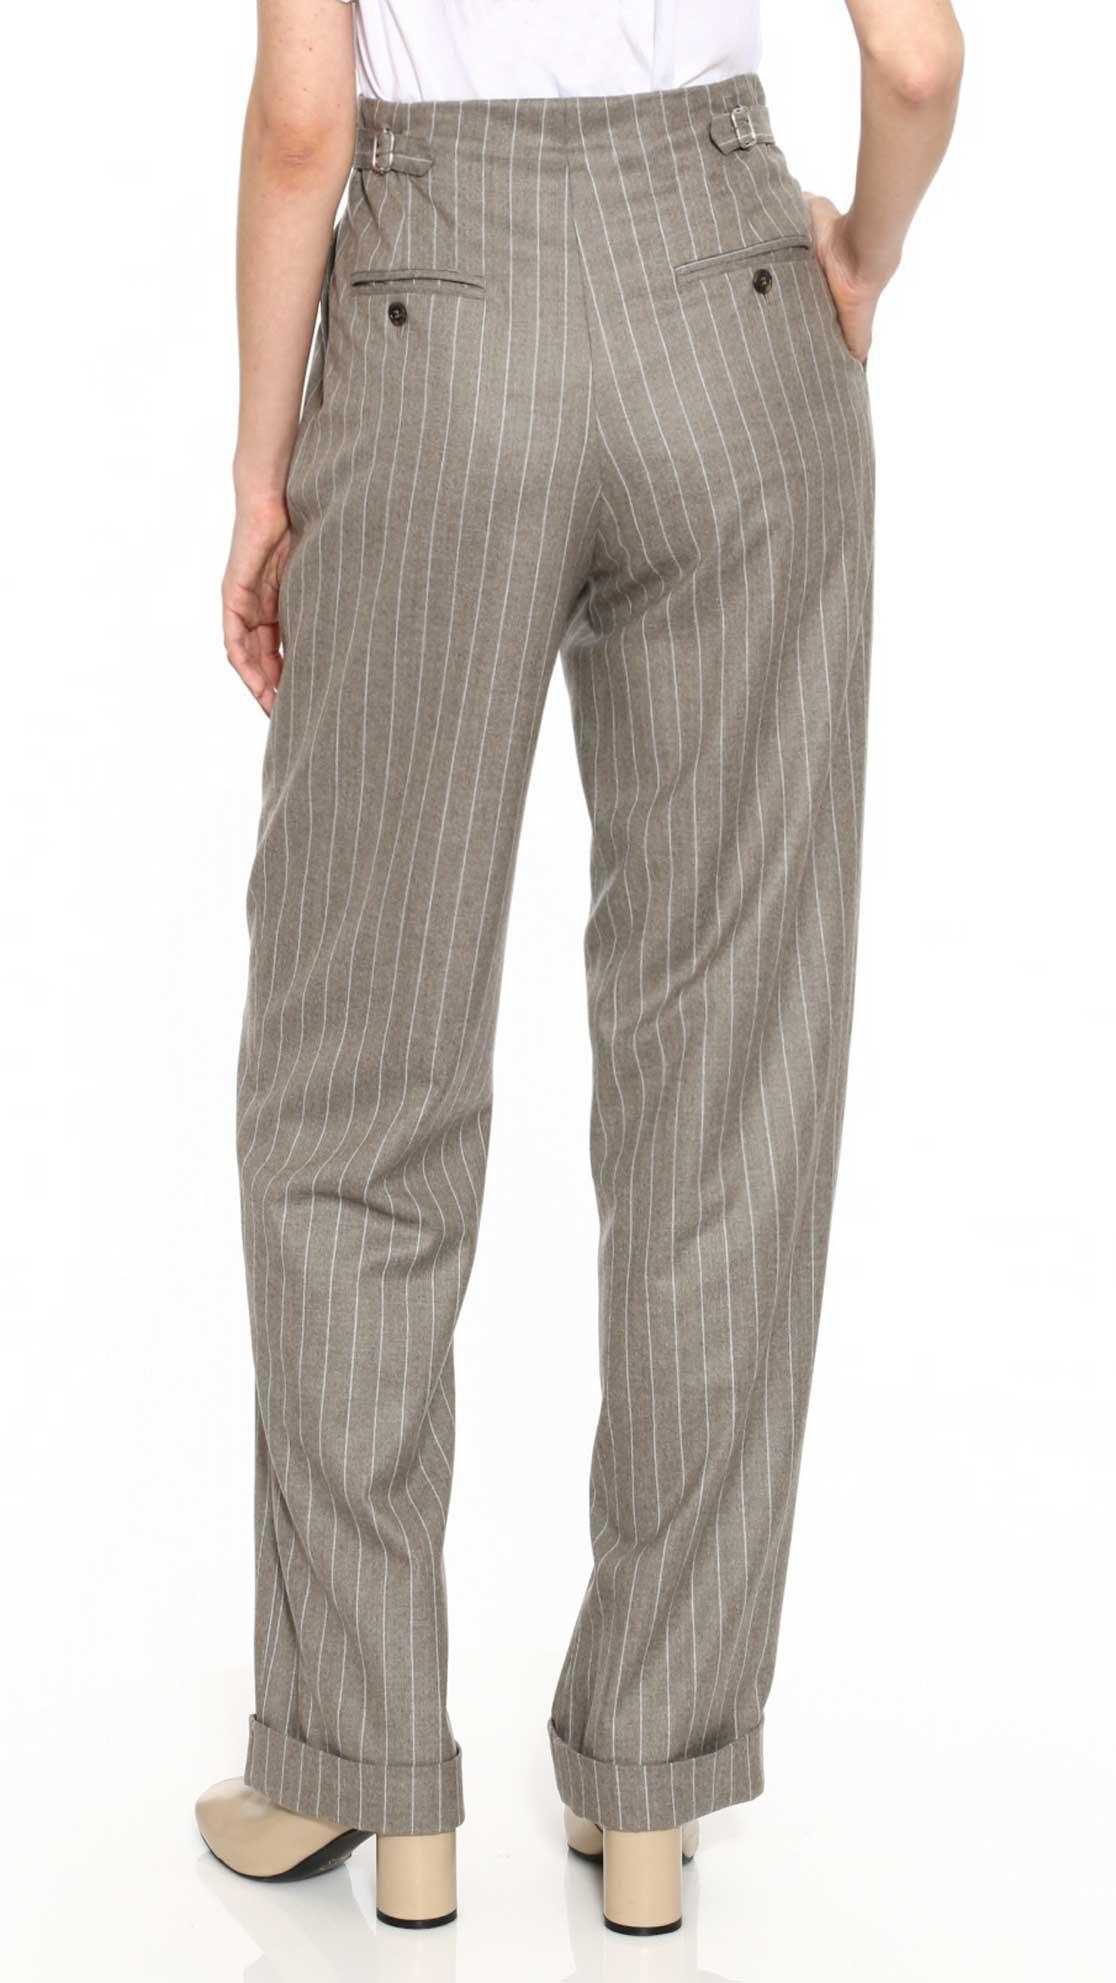 DADA-Diane-Ducasse-AH21-pantalon-droit-jules-laine-beige-gris-rayure-dos